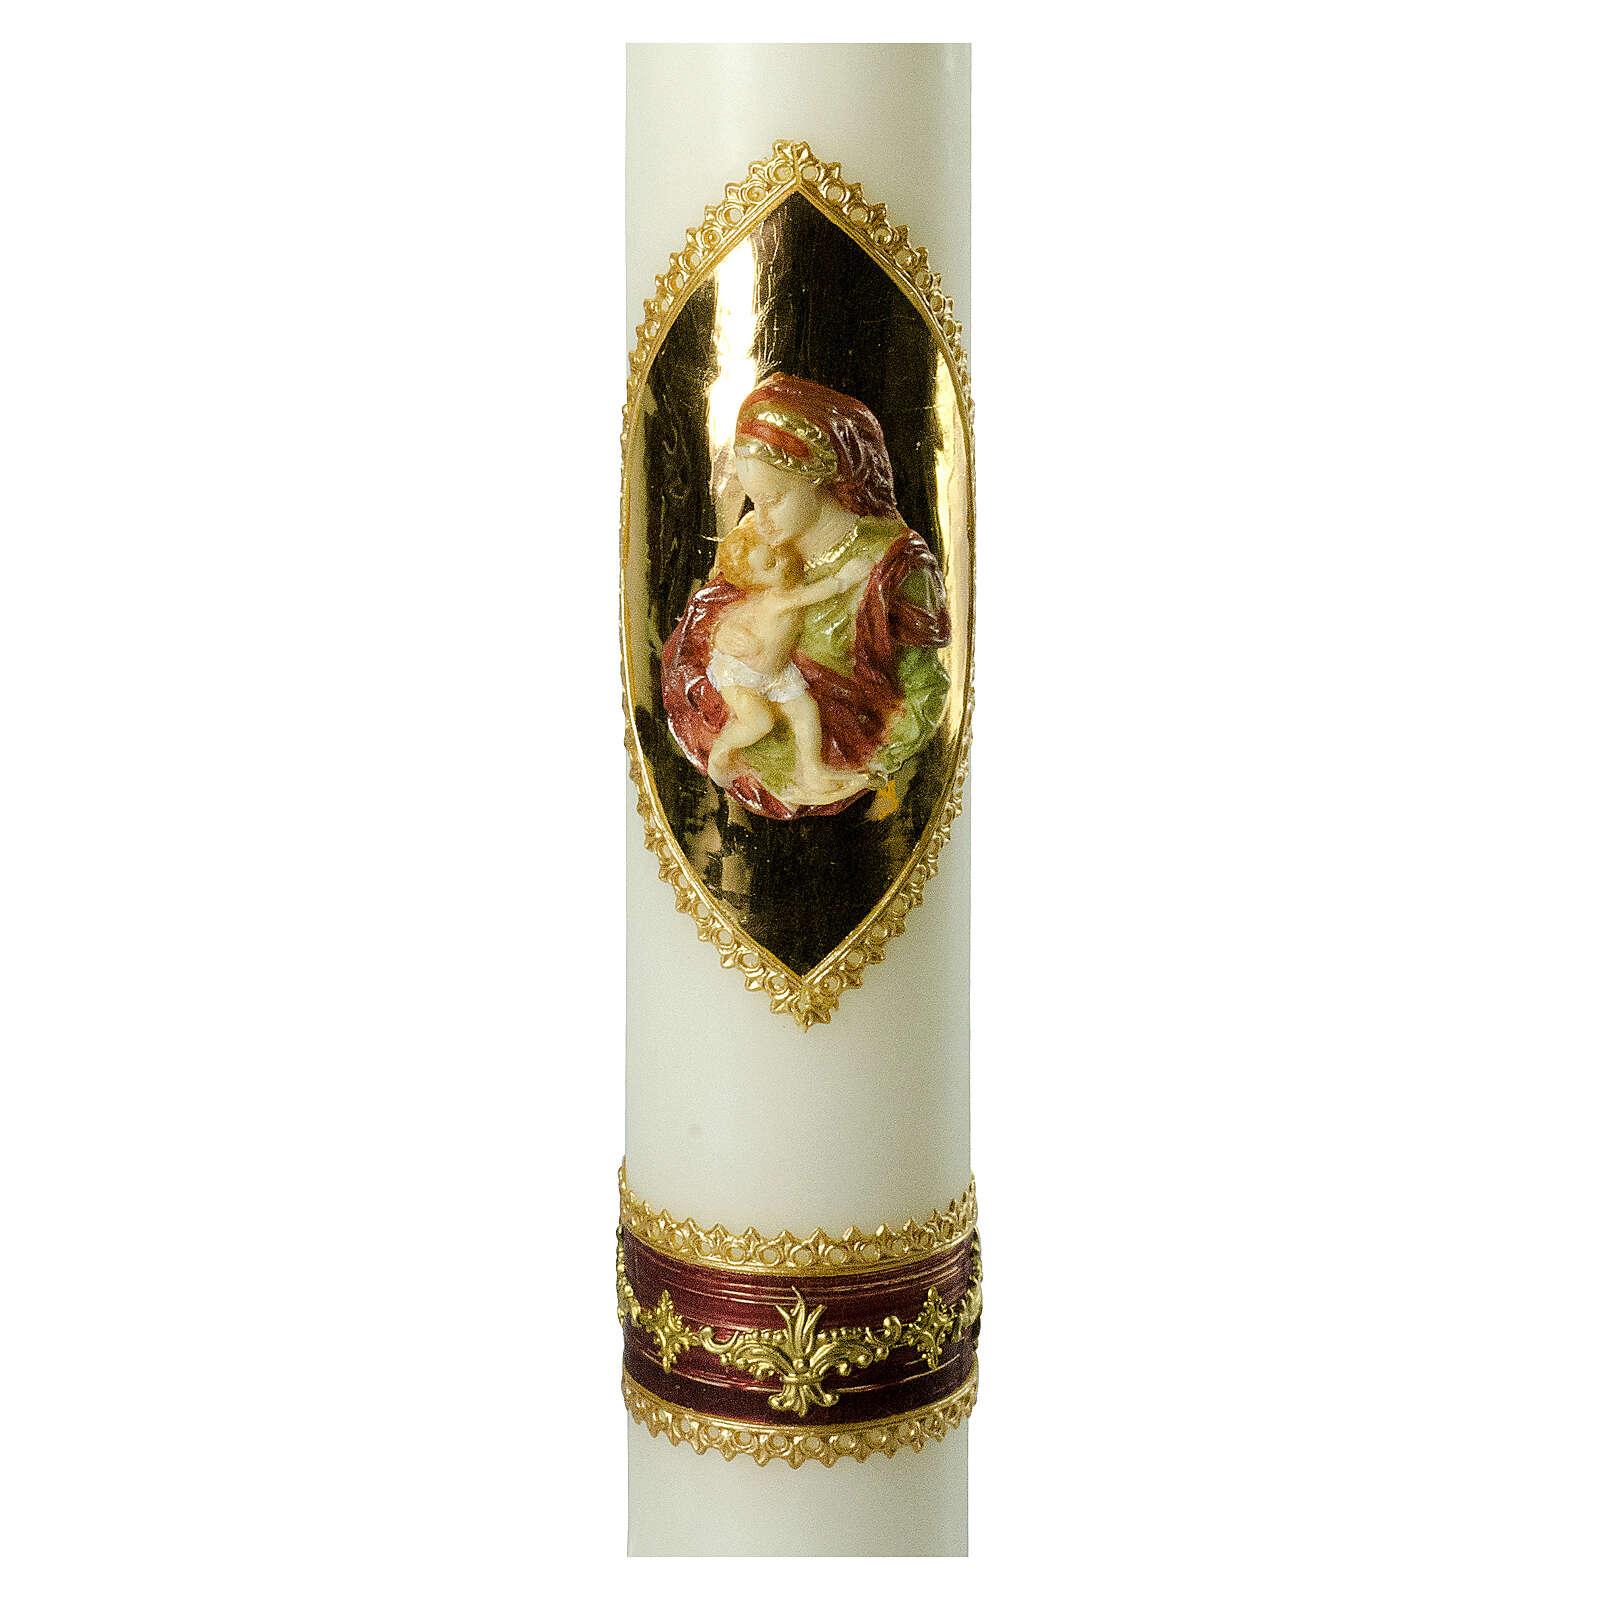 Kerze mit Maria und dem Jesuskind mit goldenen Details, 500x70 mm 3